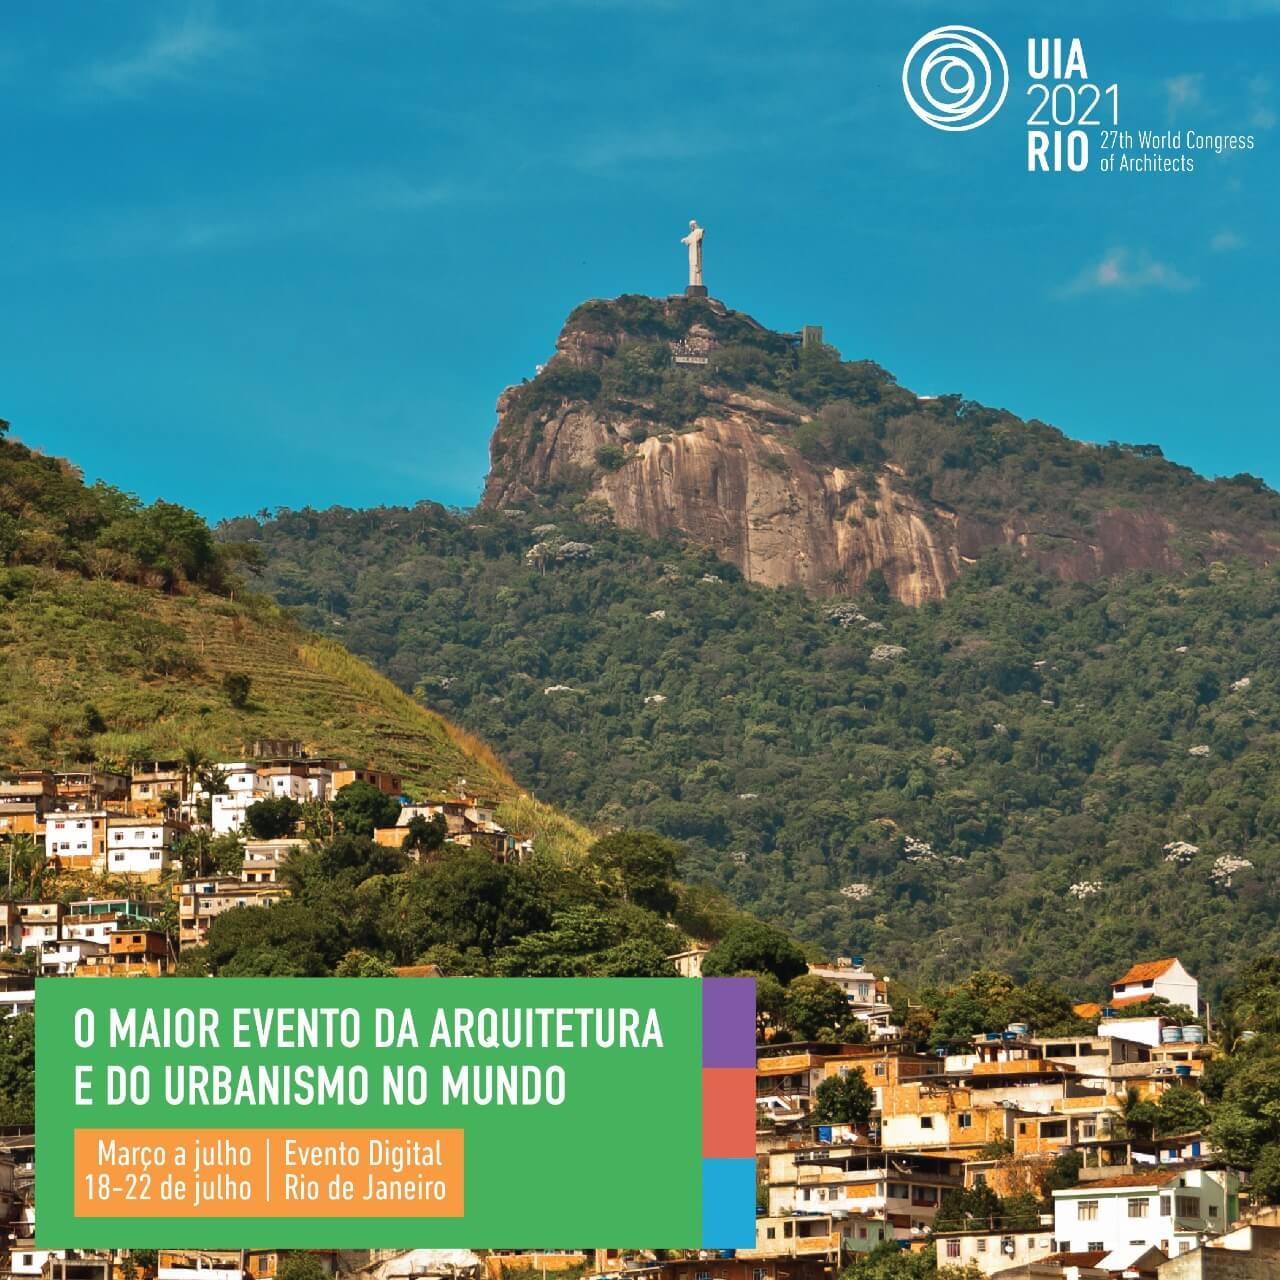 UIA2021RIO: Congresso Mundial dos Arquitetos